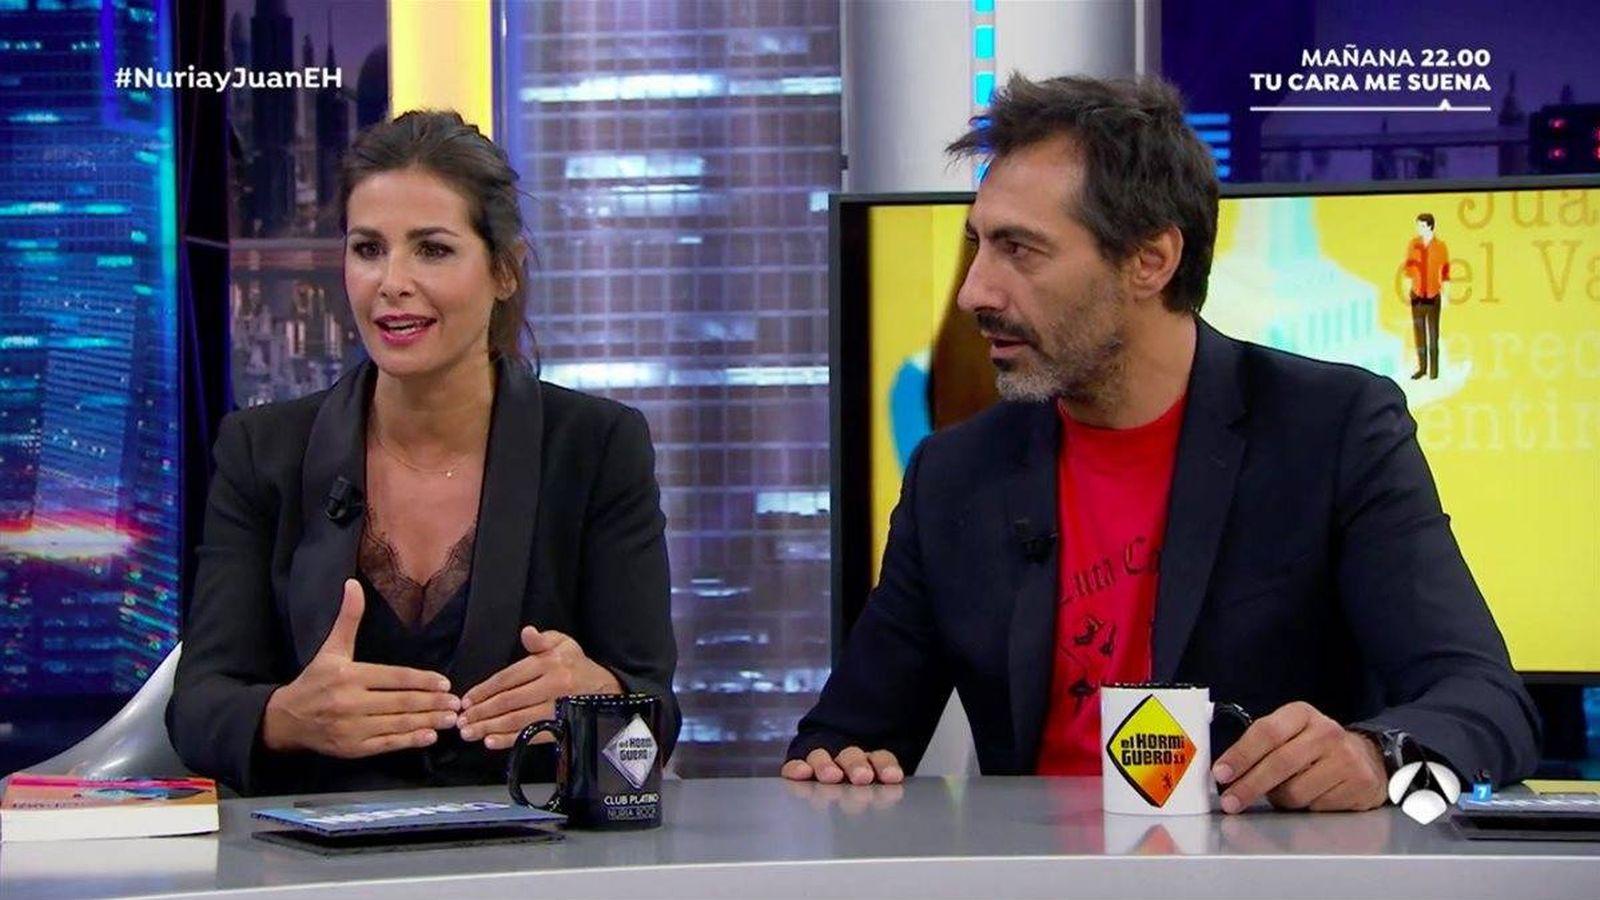 Foto: Nuria Roca y Juan del Val hablan de su relación abierta en 'El hormiguero'.